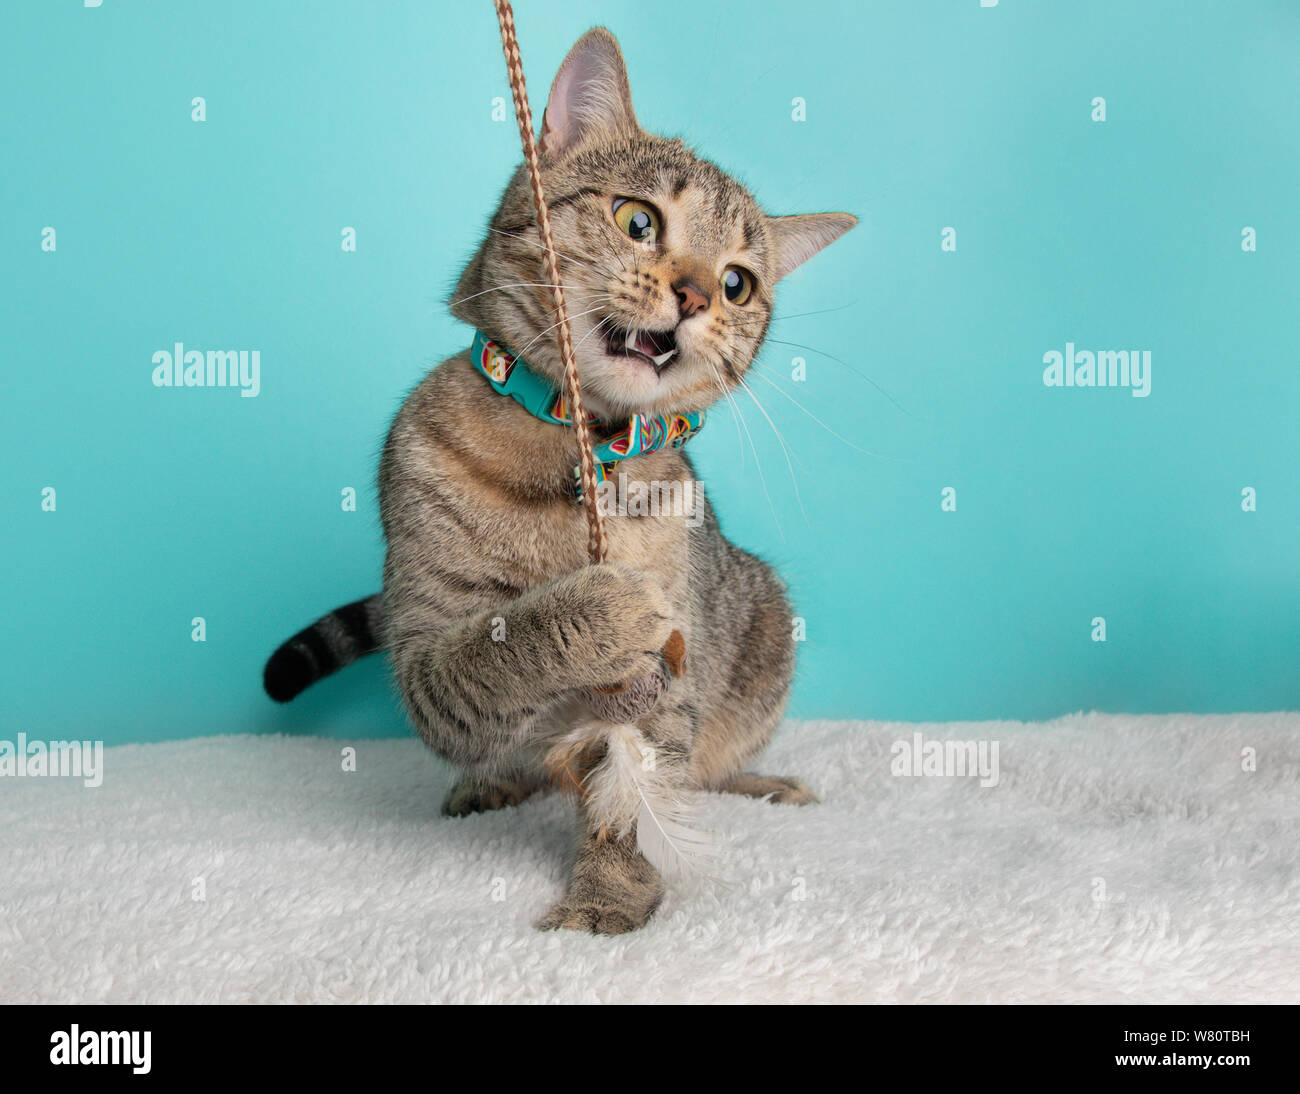 Nette junge gestromte Katze trägt blaue Orange Fliege Kostüm Portrait, Funny Face Aktion Spielen mit Maus Blau und weißem Hintergrund Stockfoto